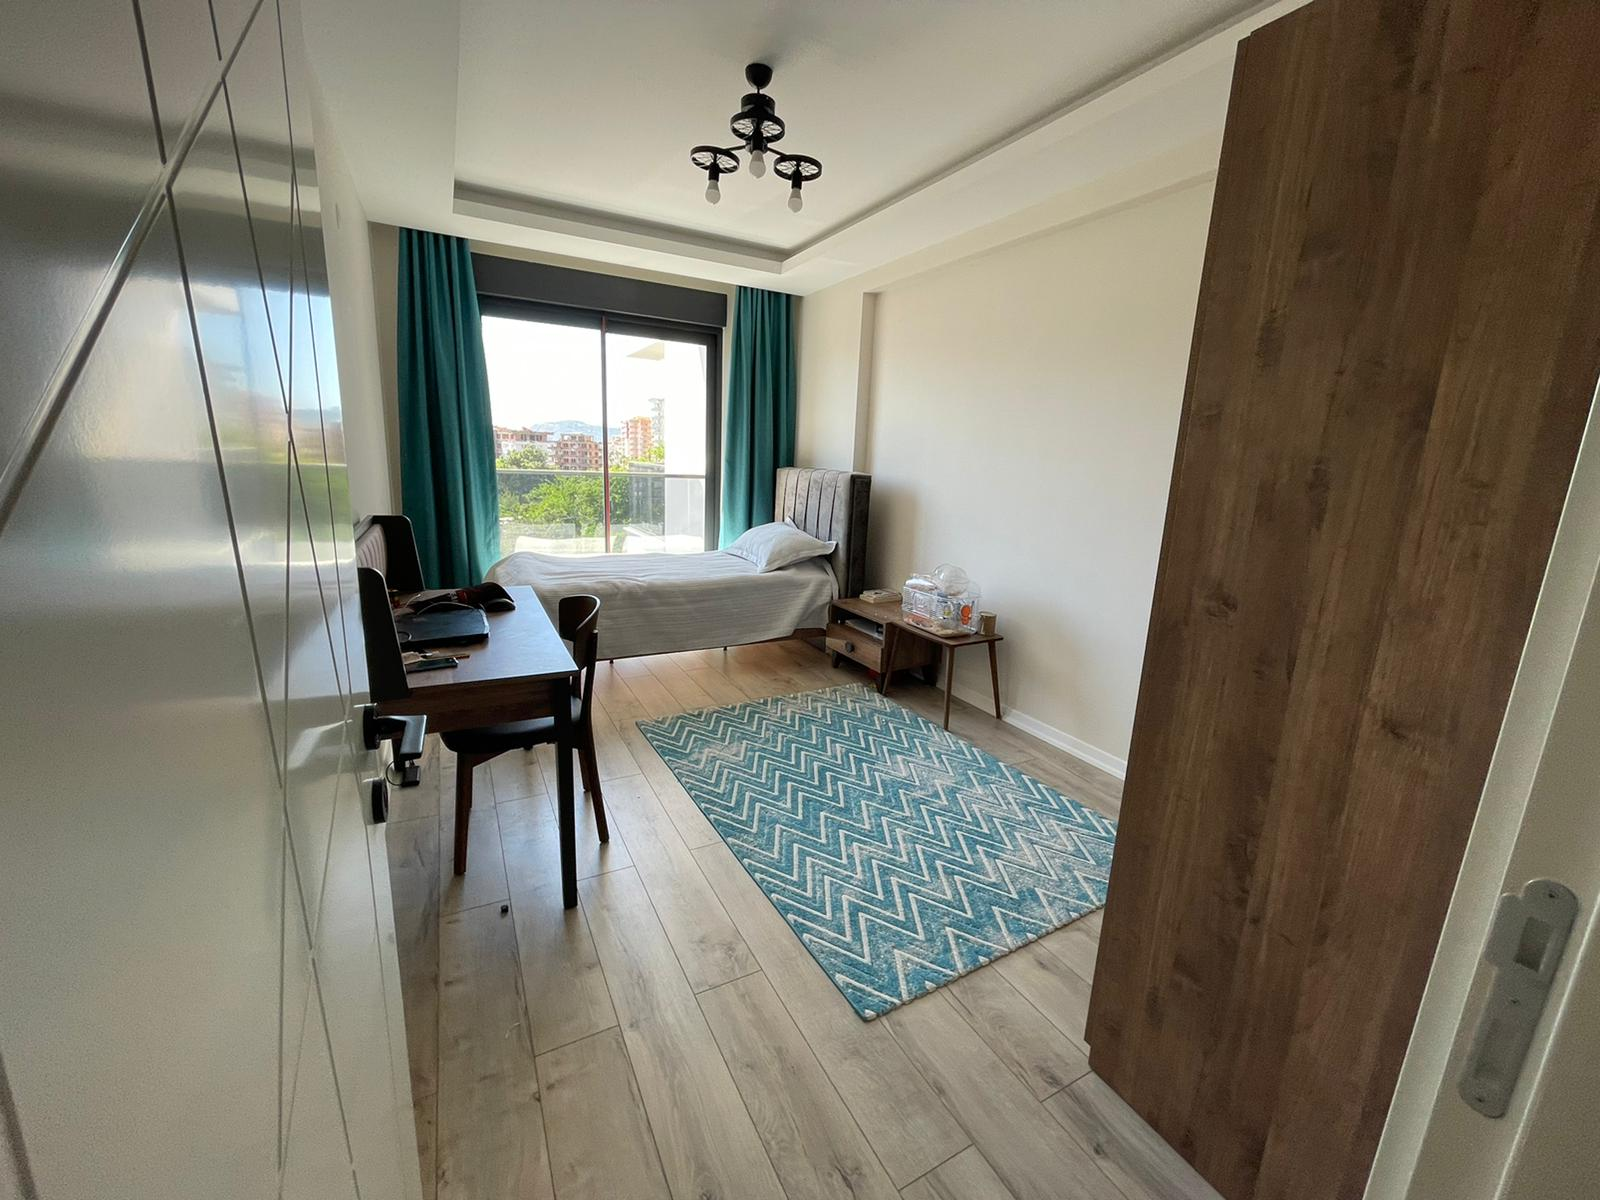 Трёхкомнатная квартира в районе Тосмур - Фото 20